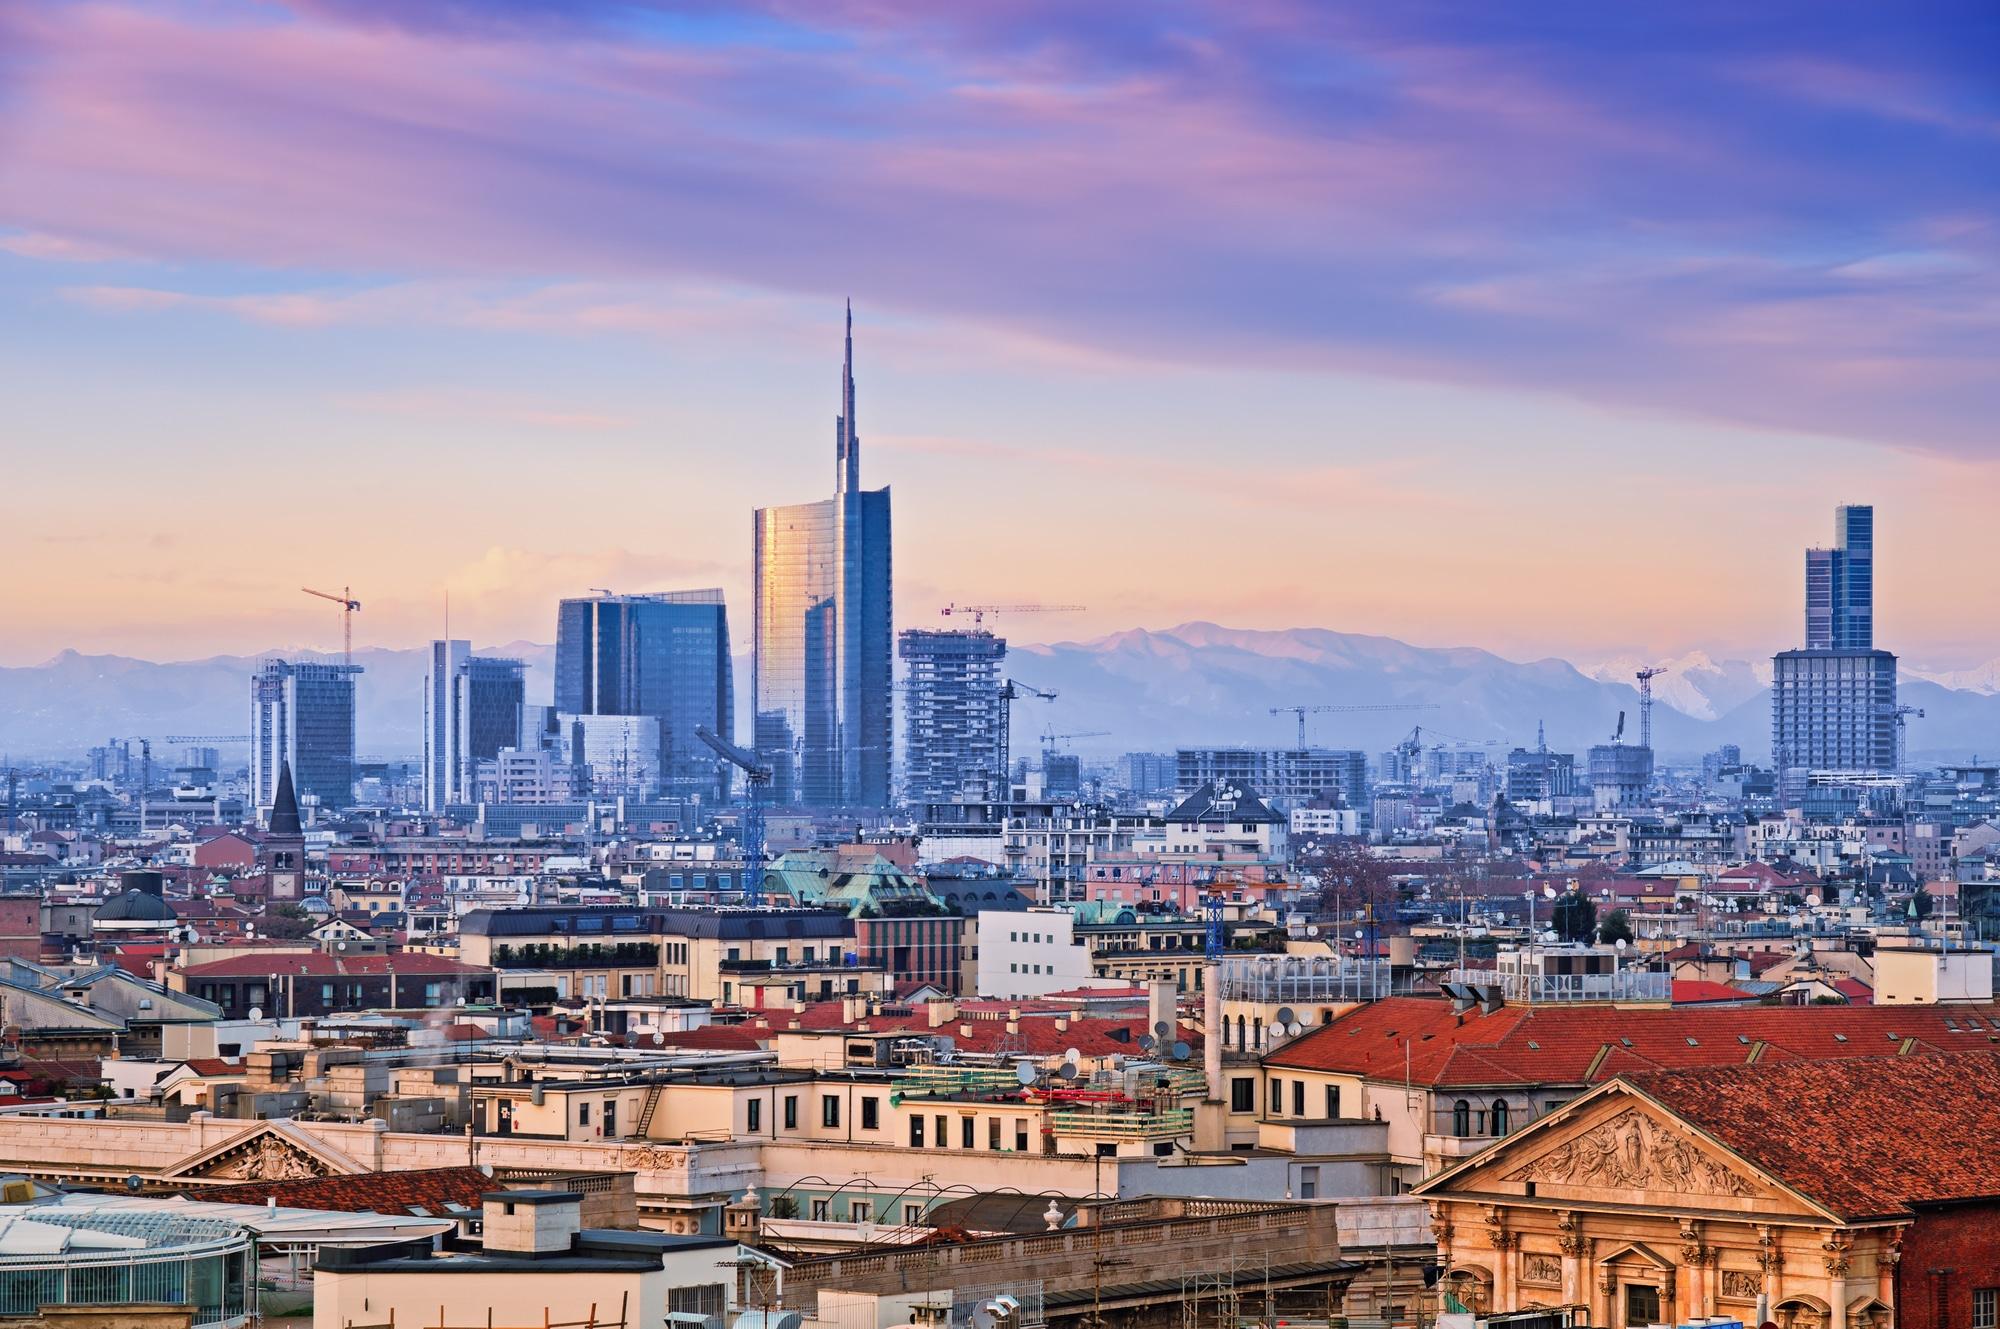 Milano, ecco la piazza hi-tech dedicata a Fernanda Pivano thumbnail